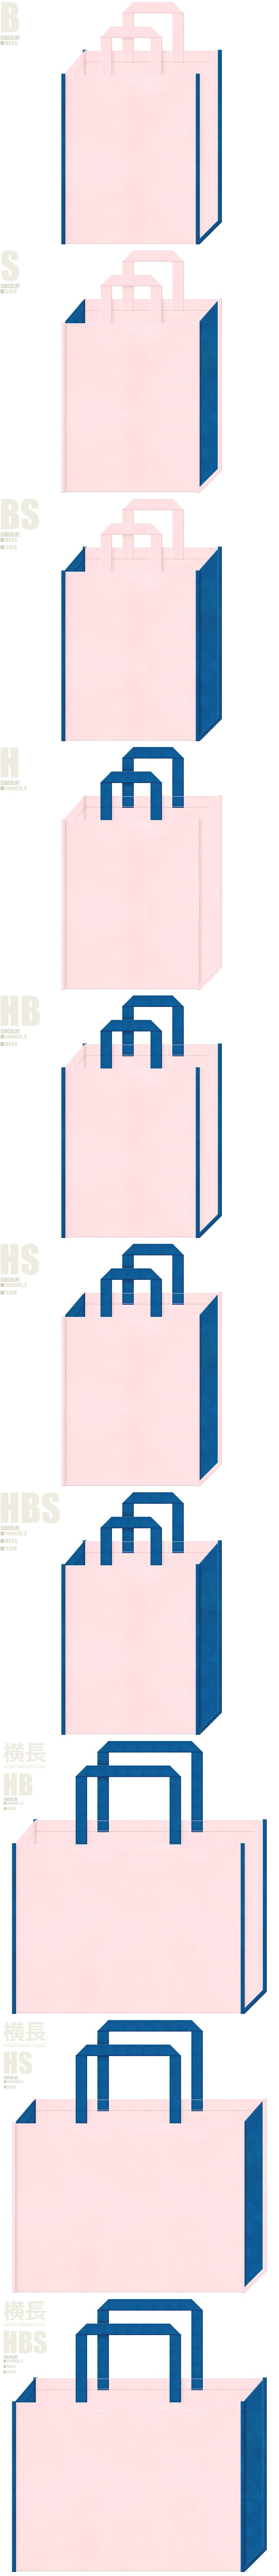 不織布バッグデザイン:桜色と青色の配色7パターン。